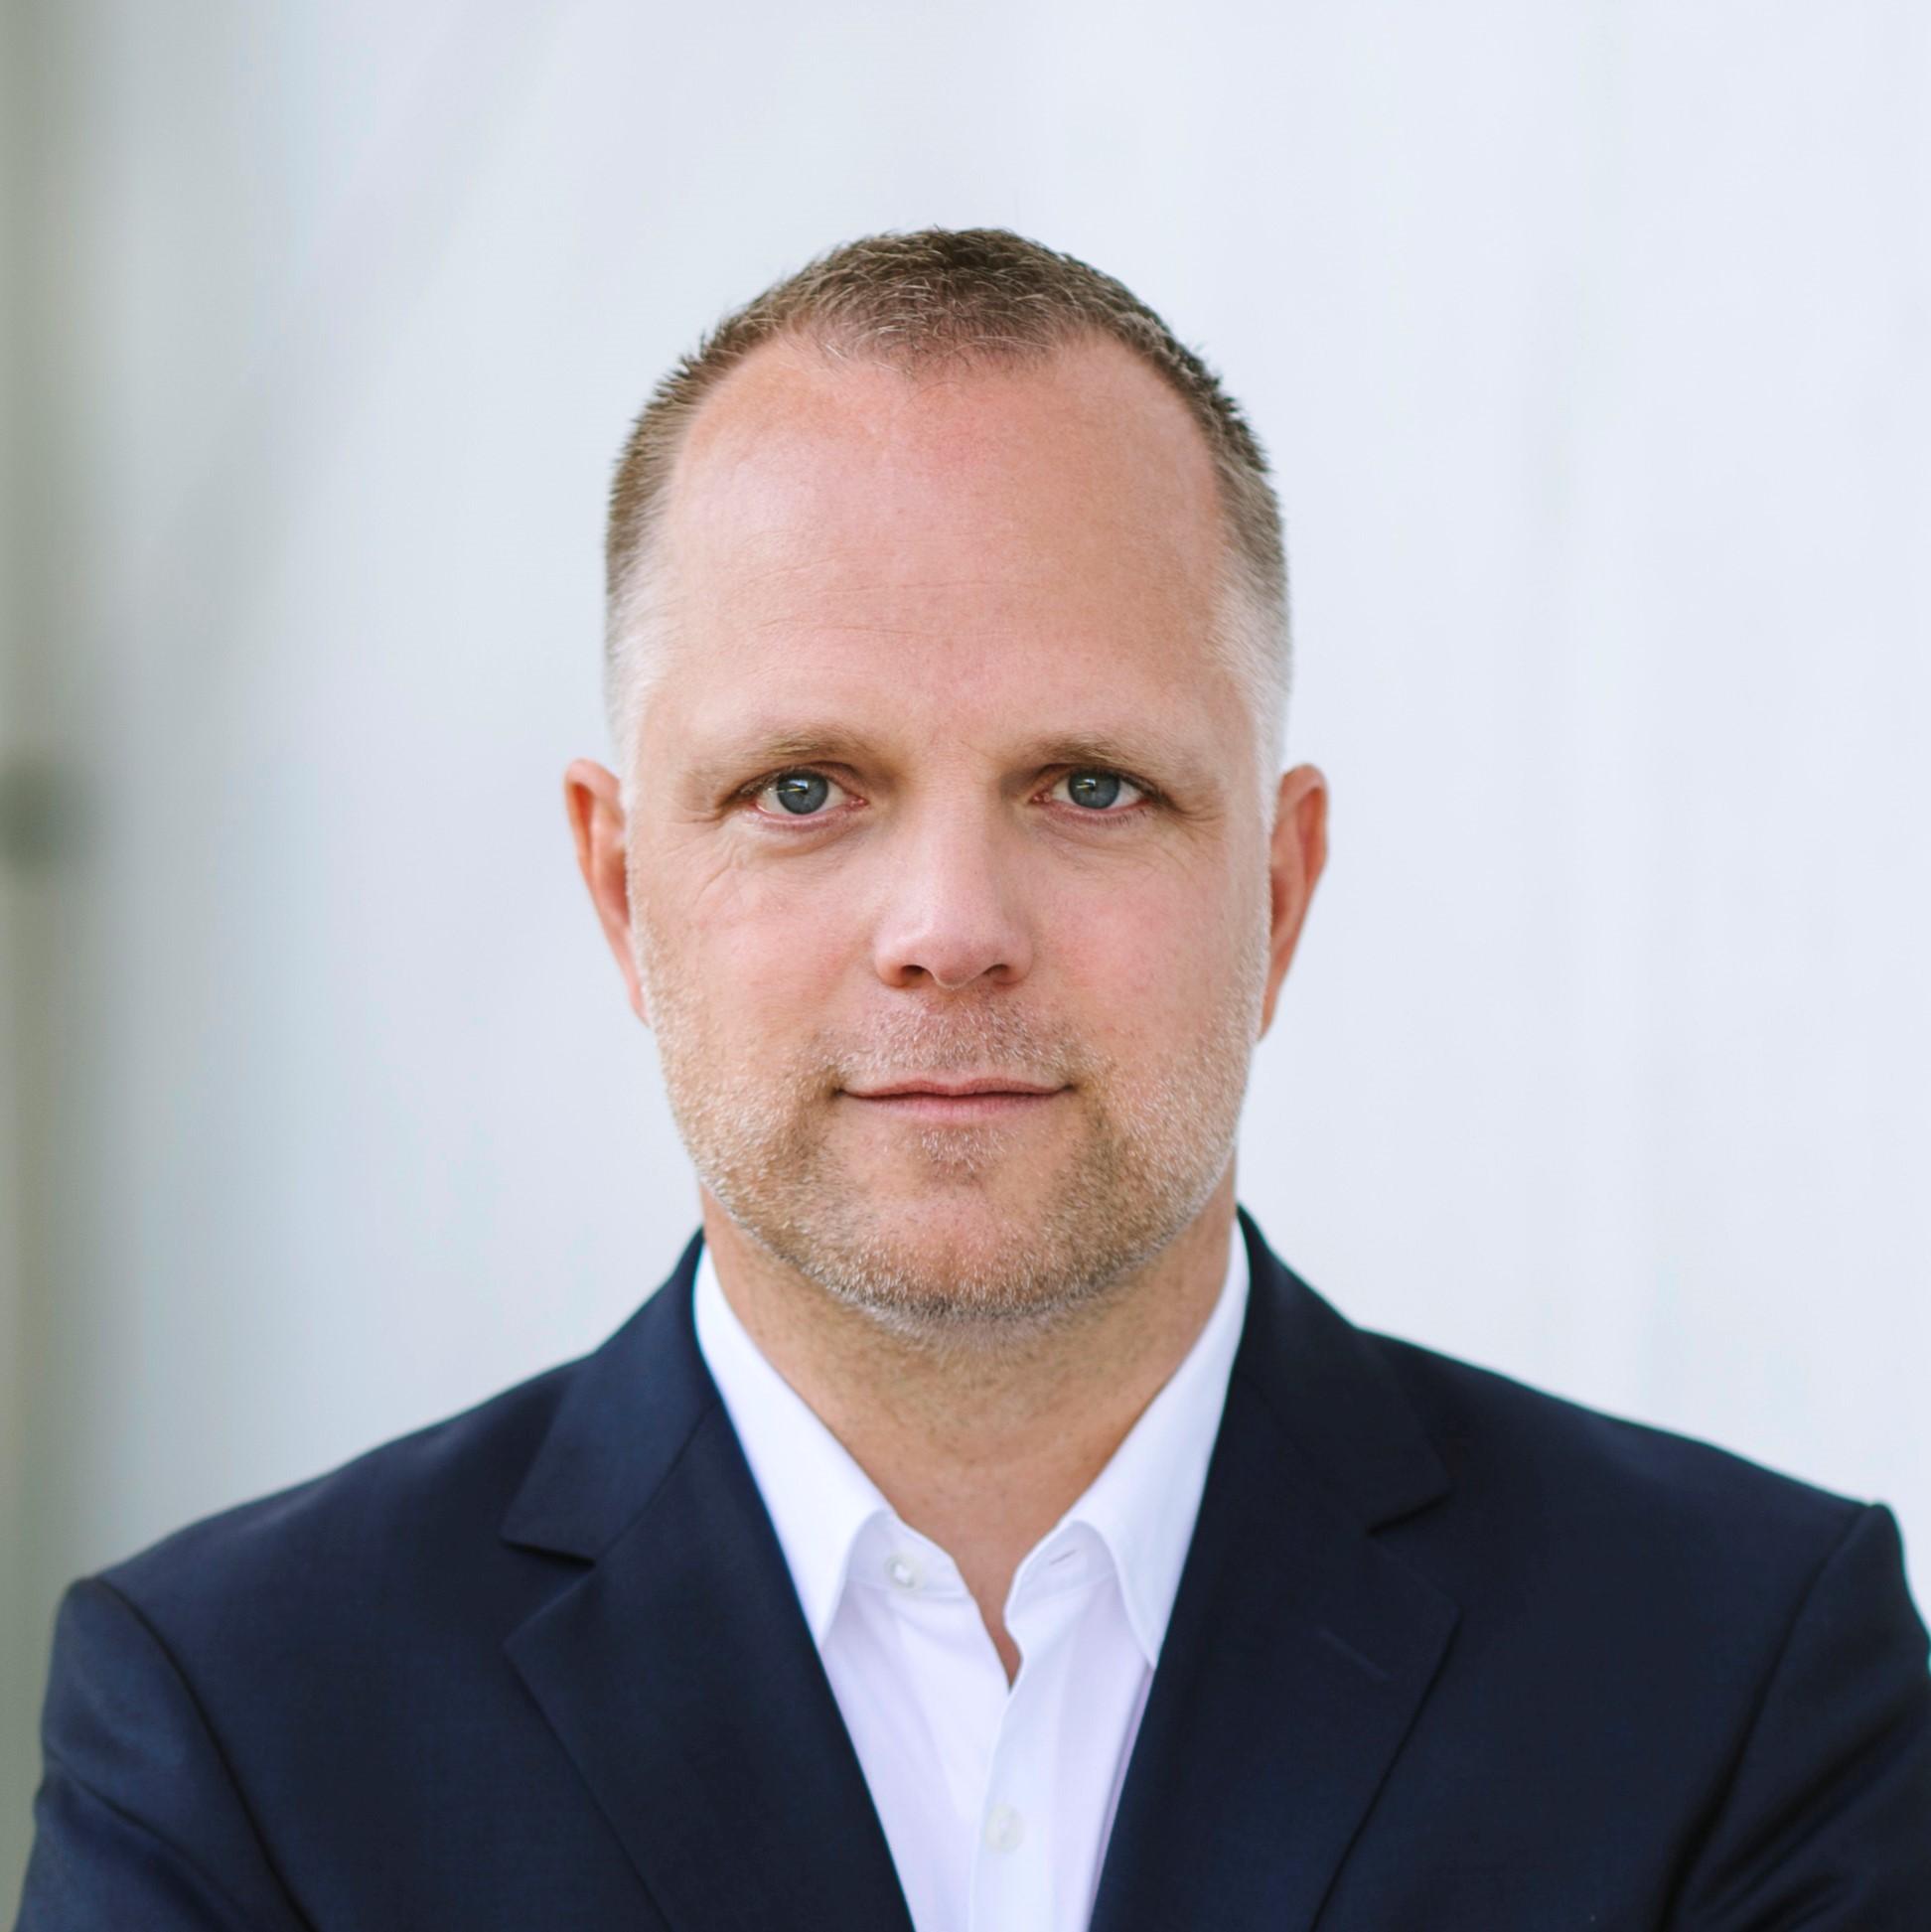 Florian Schepp